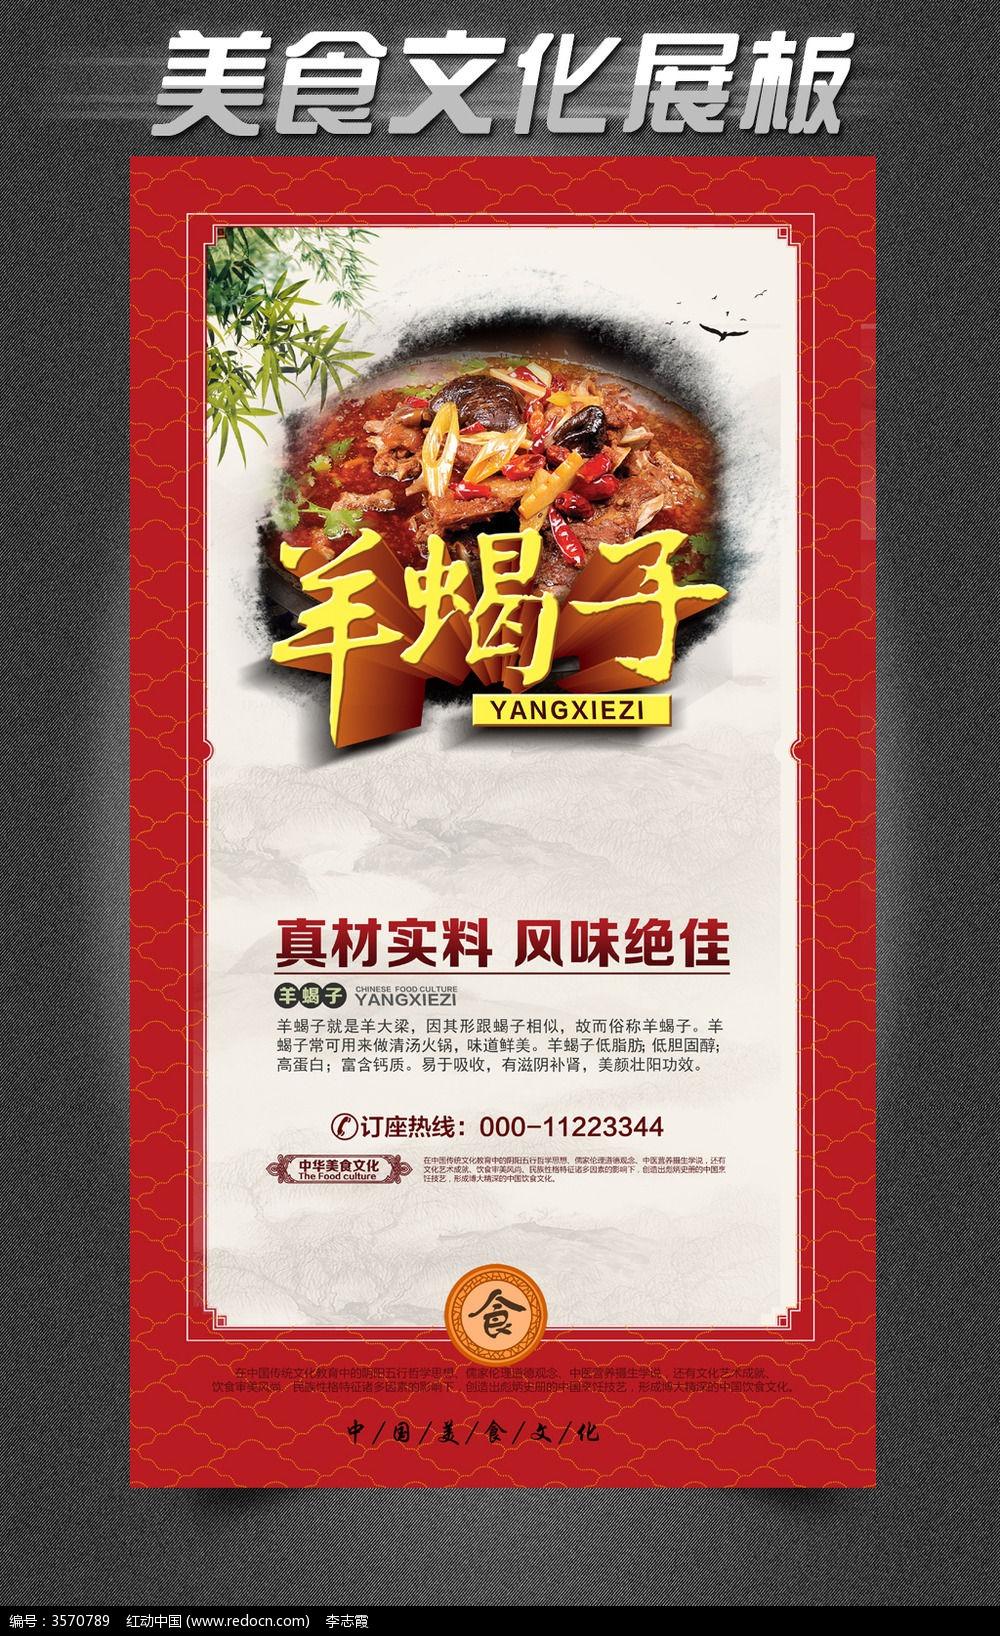 标签: 餐厅挂图 招牌美食 招牌菜 餐厅海报 餐厅饮食文化 饮食文化 饮图片